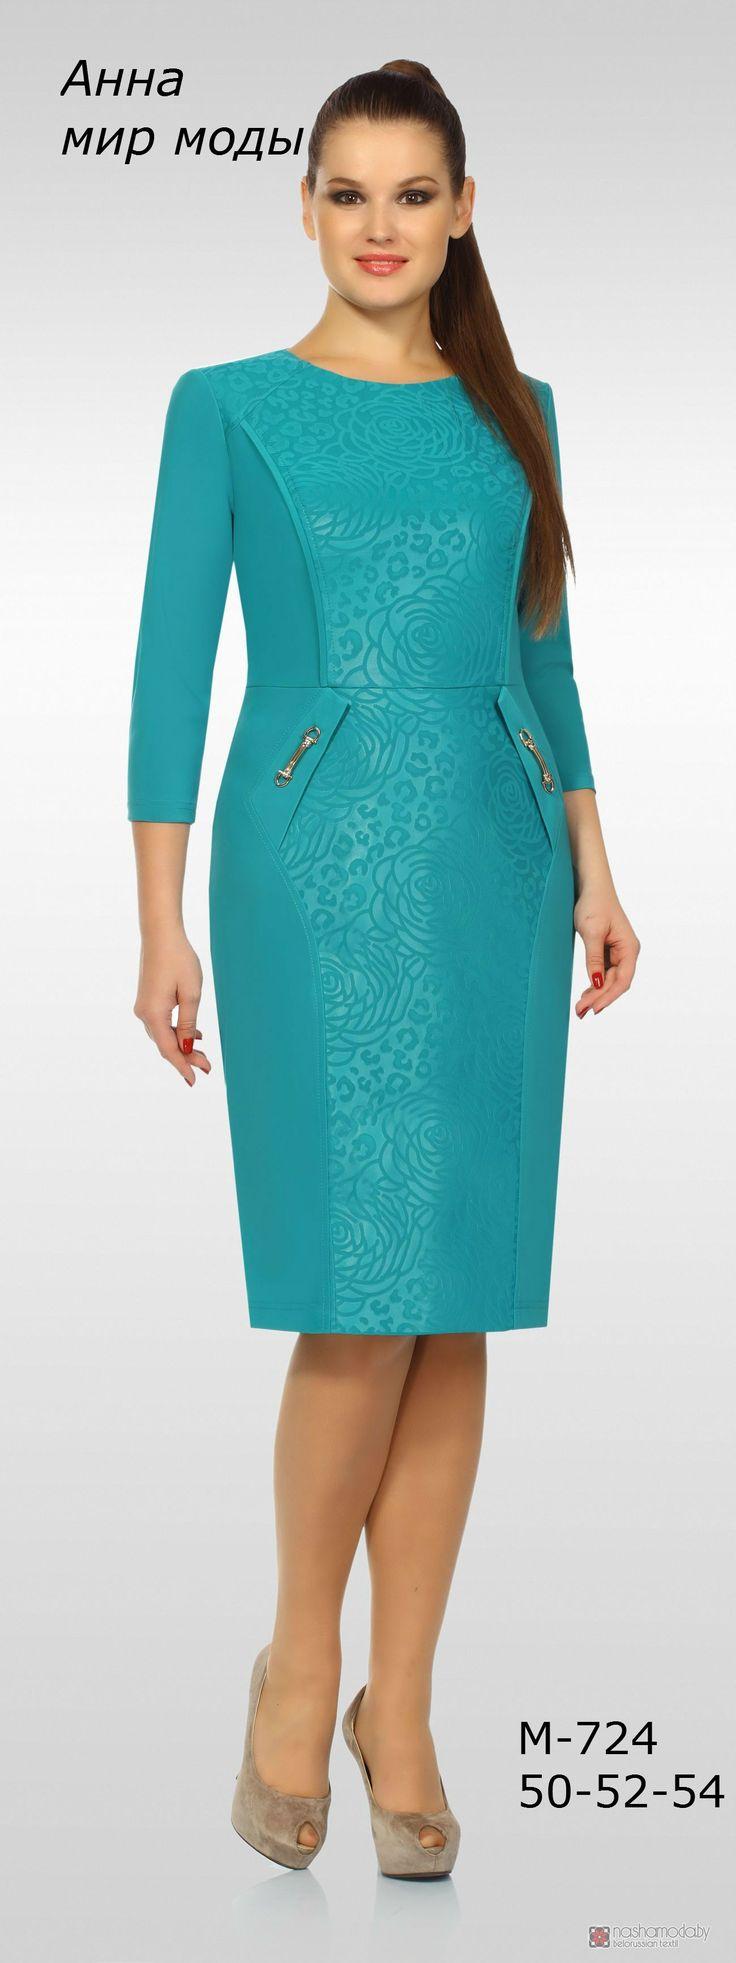 Деловое платье Анна 724